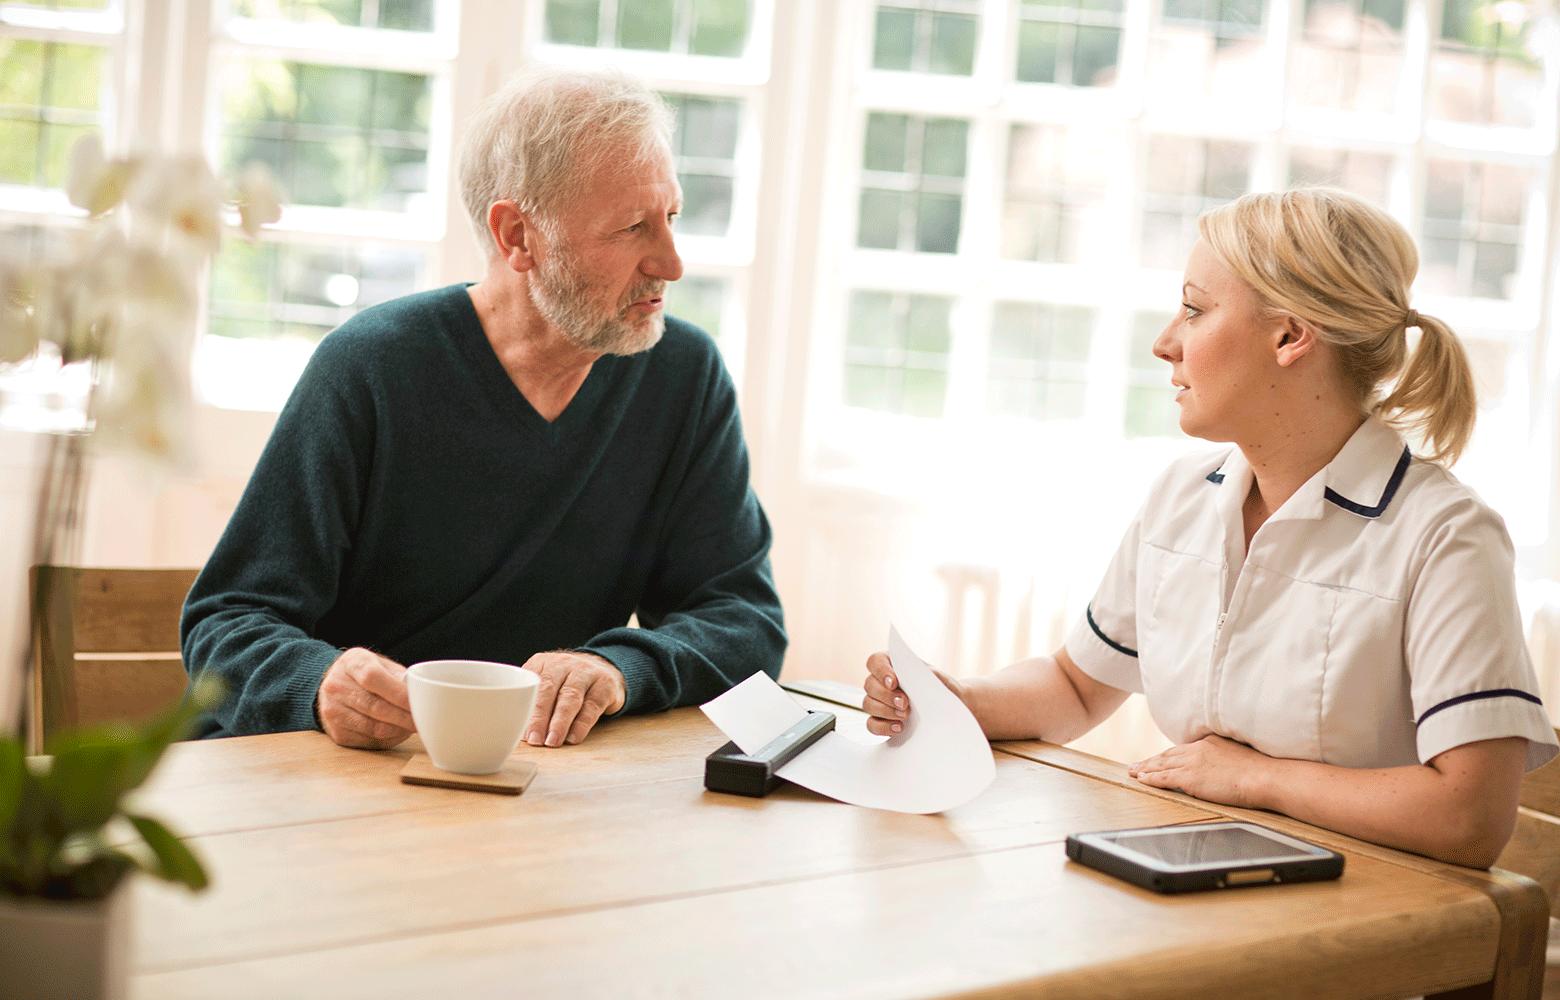 muž a zdravotná sestra sediaci pri stole, tlačiareň PJ tlačiaca dokumenty